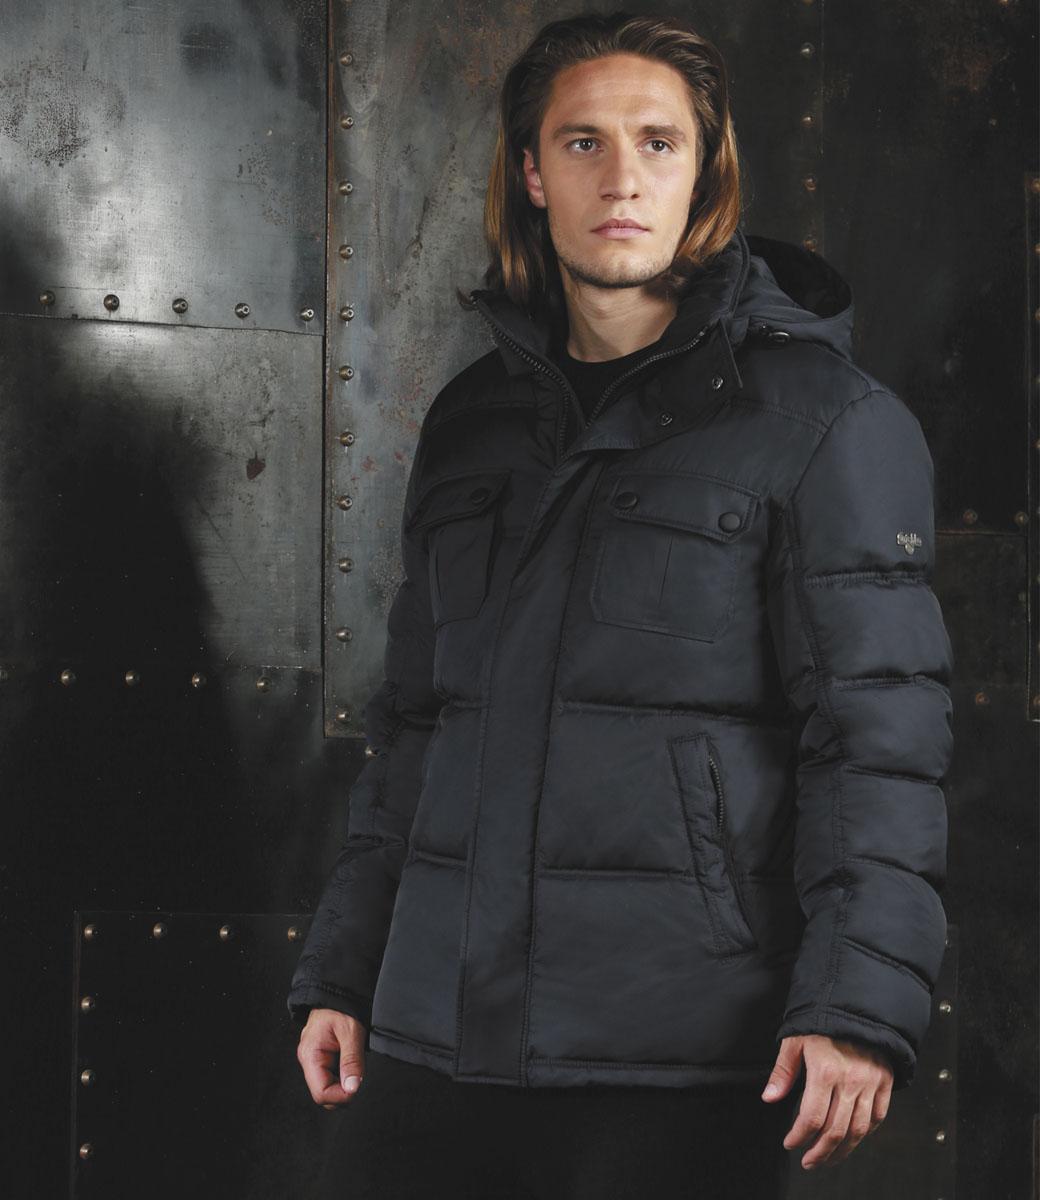 Куртка мужская Grishko, цвет: черный. AL-2975. Размер 54AL-2975Практичная универсальная куртка спортивного силуэта Grishko с застежкой на молнию и закрытым глубоким капюшоном, снабженным фиксаторами, дополнительно защищающим от непогоды, - незаменимая модель в холодную осеннюю погоду. Куртка дополнена двумя накладными карманами с клапанами на кнопках на груди, двумя боковыми втачными карманами на молнии и внутренним карманом. Утеплитель - 100% микрофайбер - это утеплитель нового поколения, который отличается повышенной теплоизоляцией, антибактериальными свойствами, долговечностью в использовании и необычайно легок в носке и уходе.